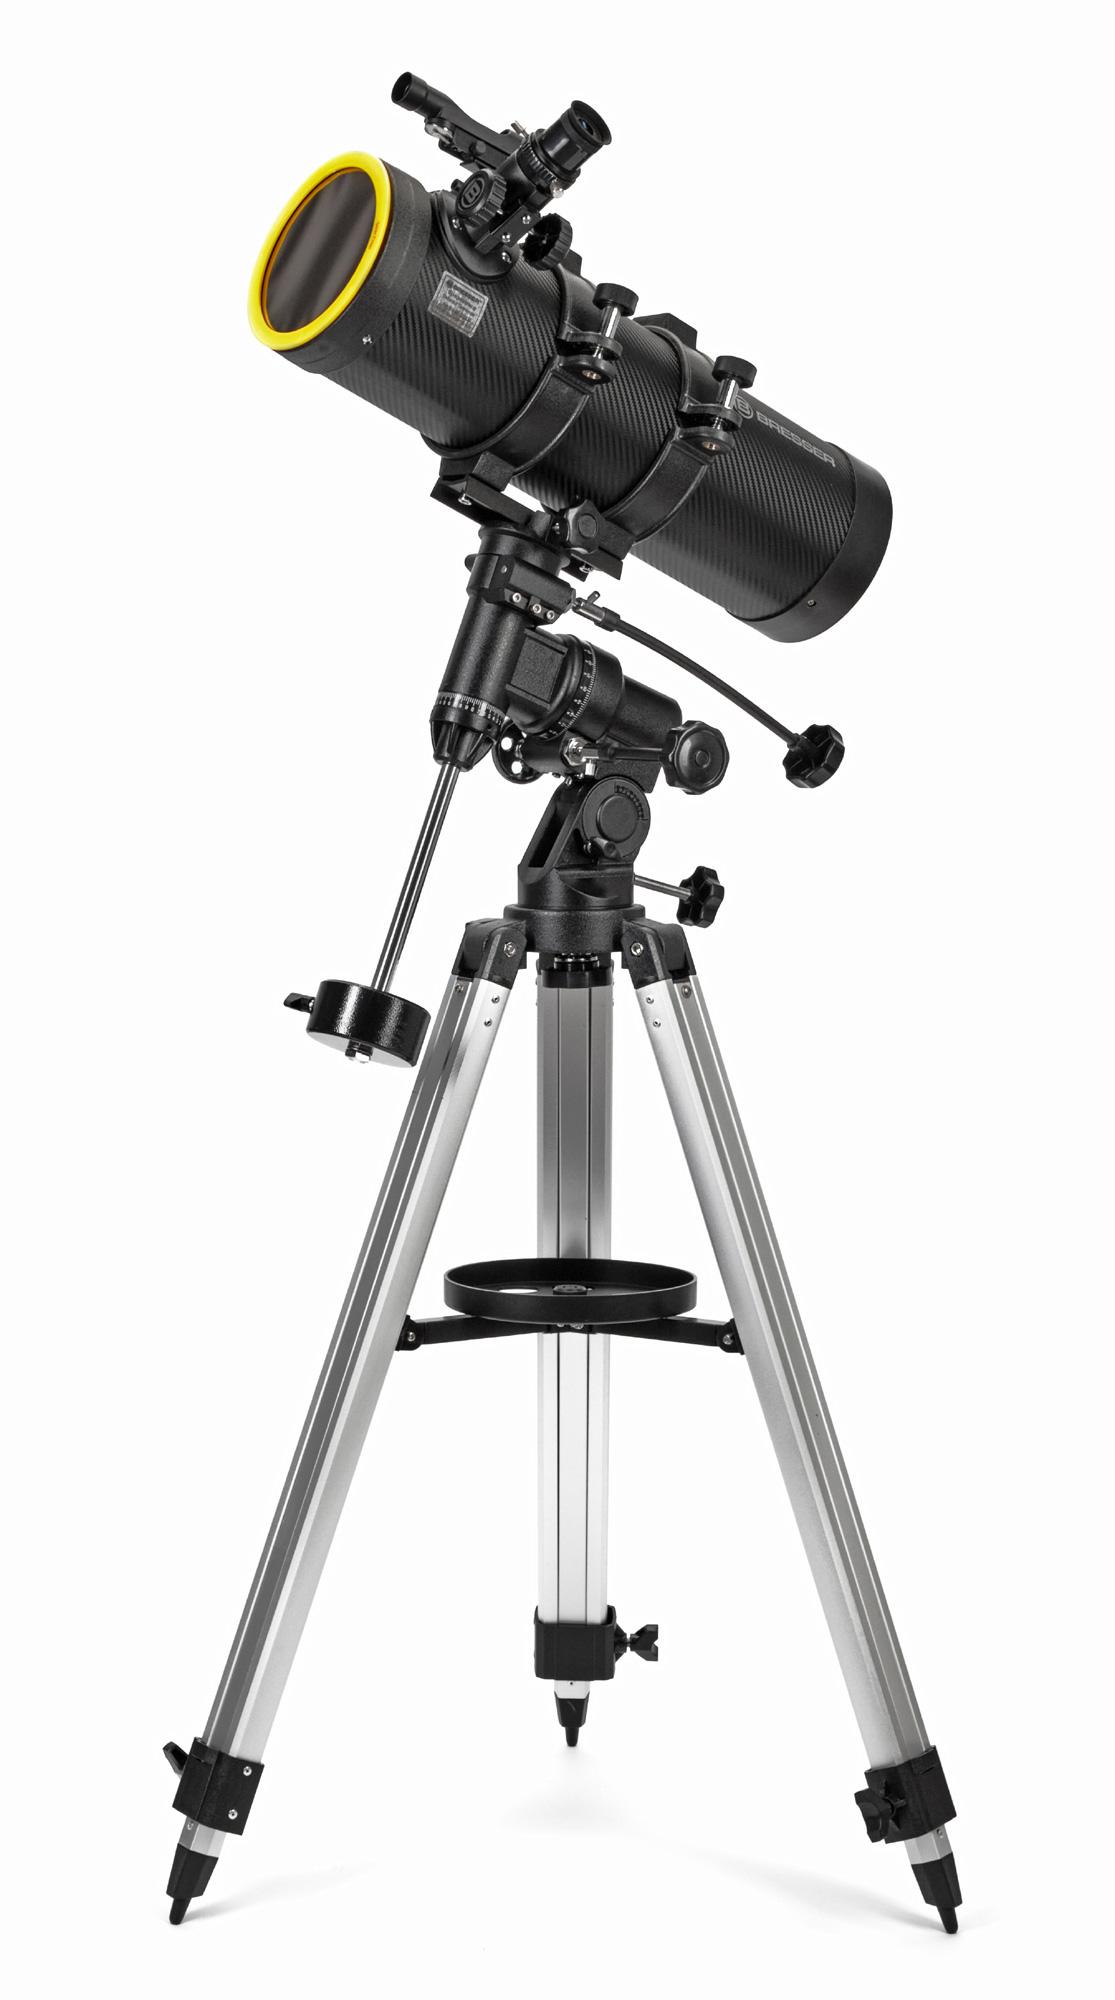 Картинка для Телескоп Bresser (Брессер) Spica 130/1000 EQ3, с адаптером для смартфона